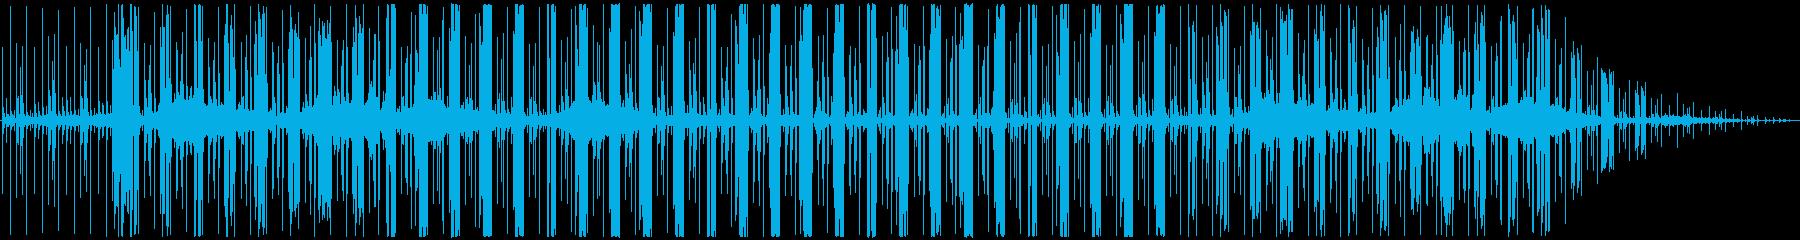 プログレッシブハウス。ピンクフロイ...の再生済みの波形